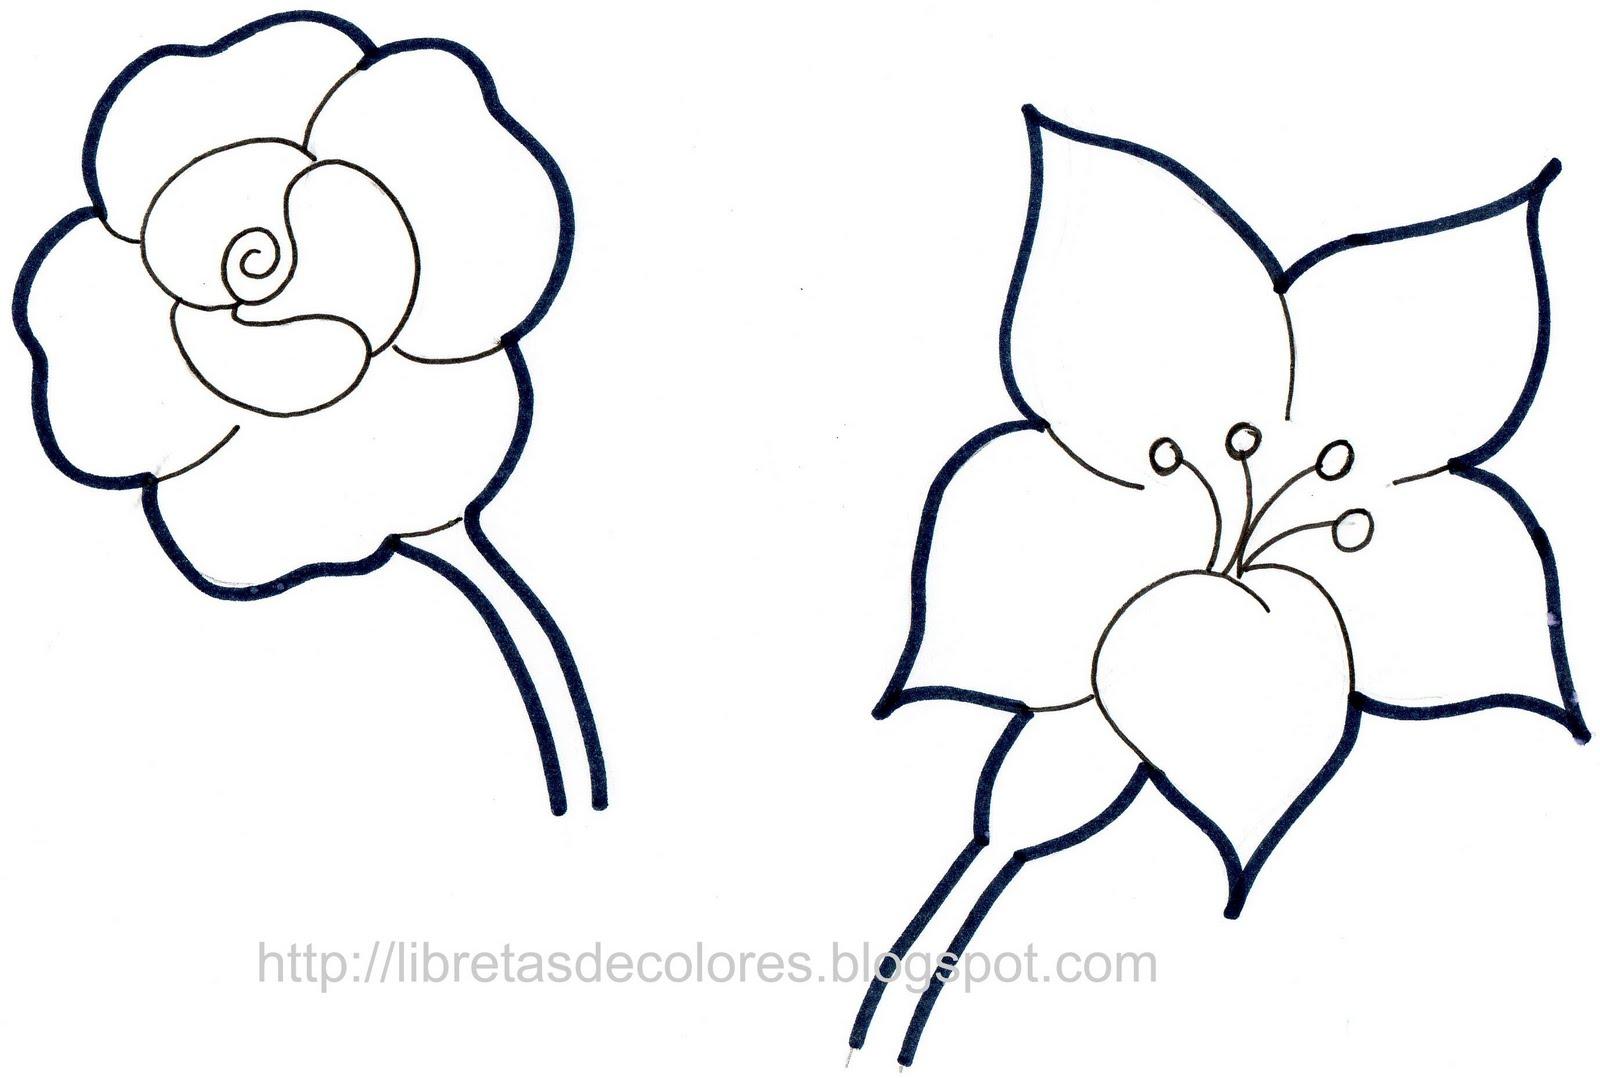 Único Páginas Para Colorear De Flores De Primavera Modelo - Dibujos ...